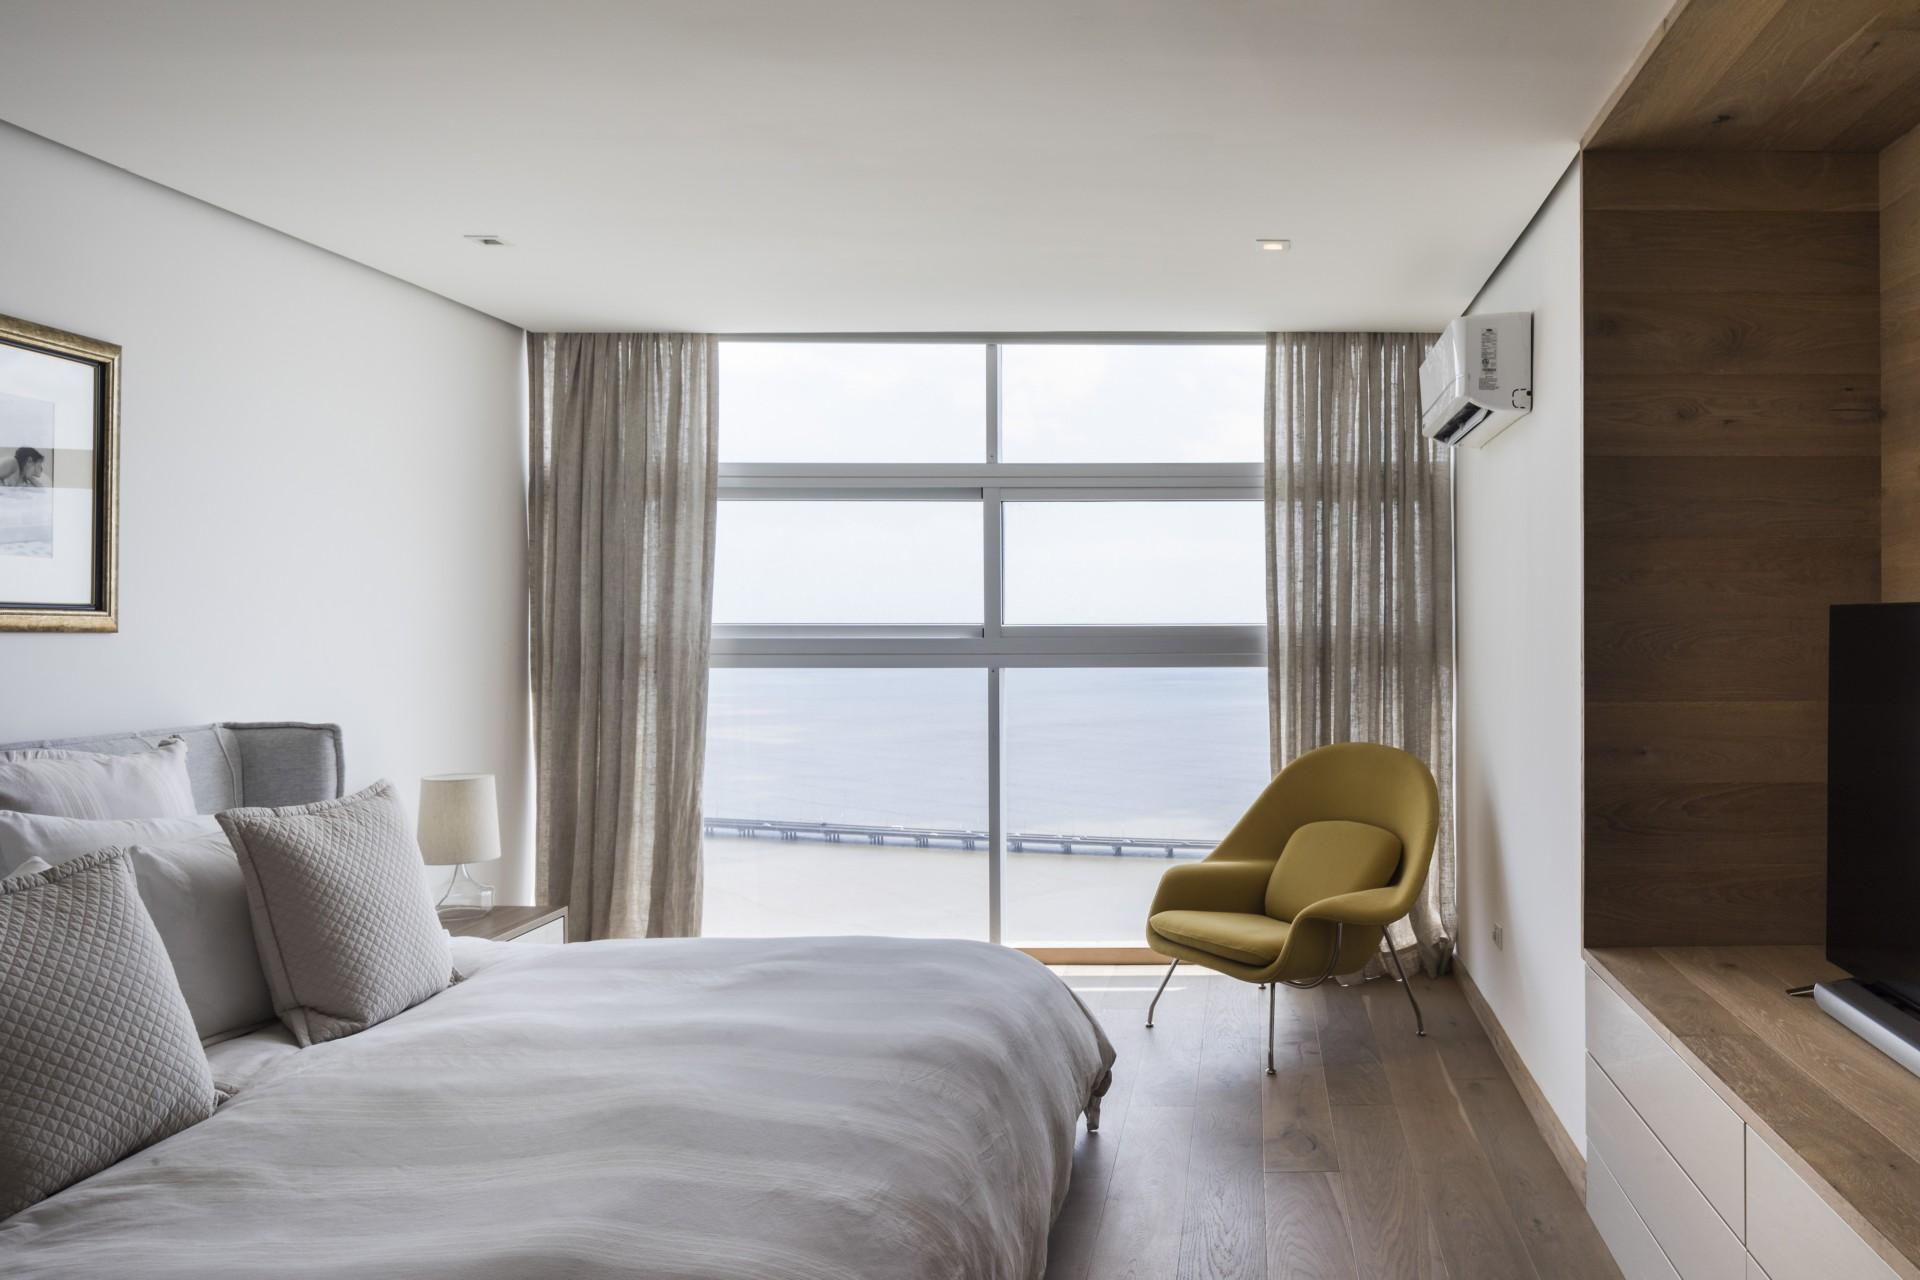 Nautica Apartment in Panama, by Ventura Arquitectos and Laura Sanchez